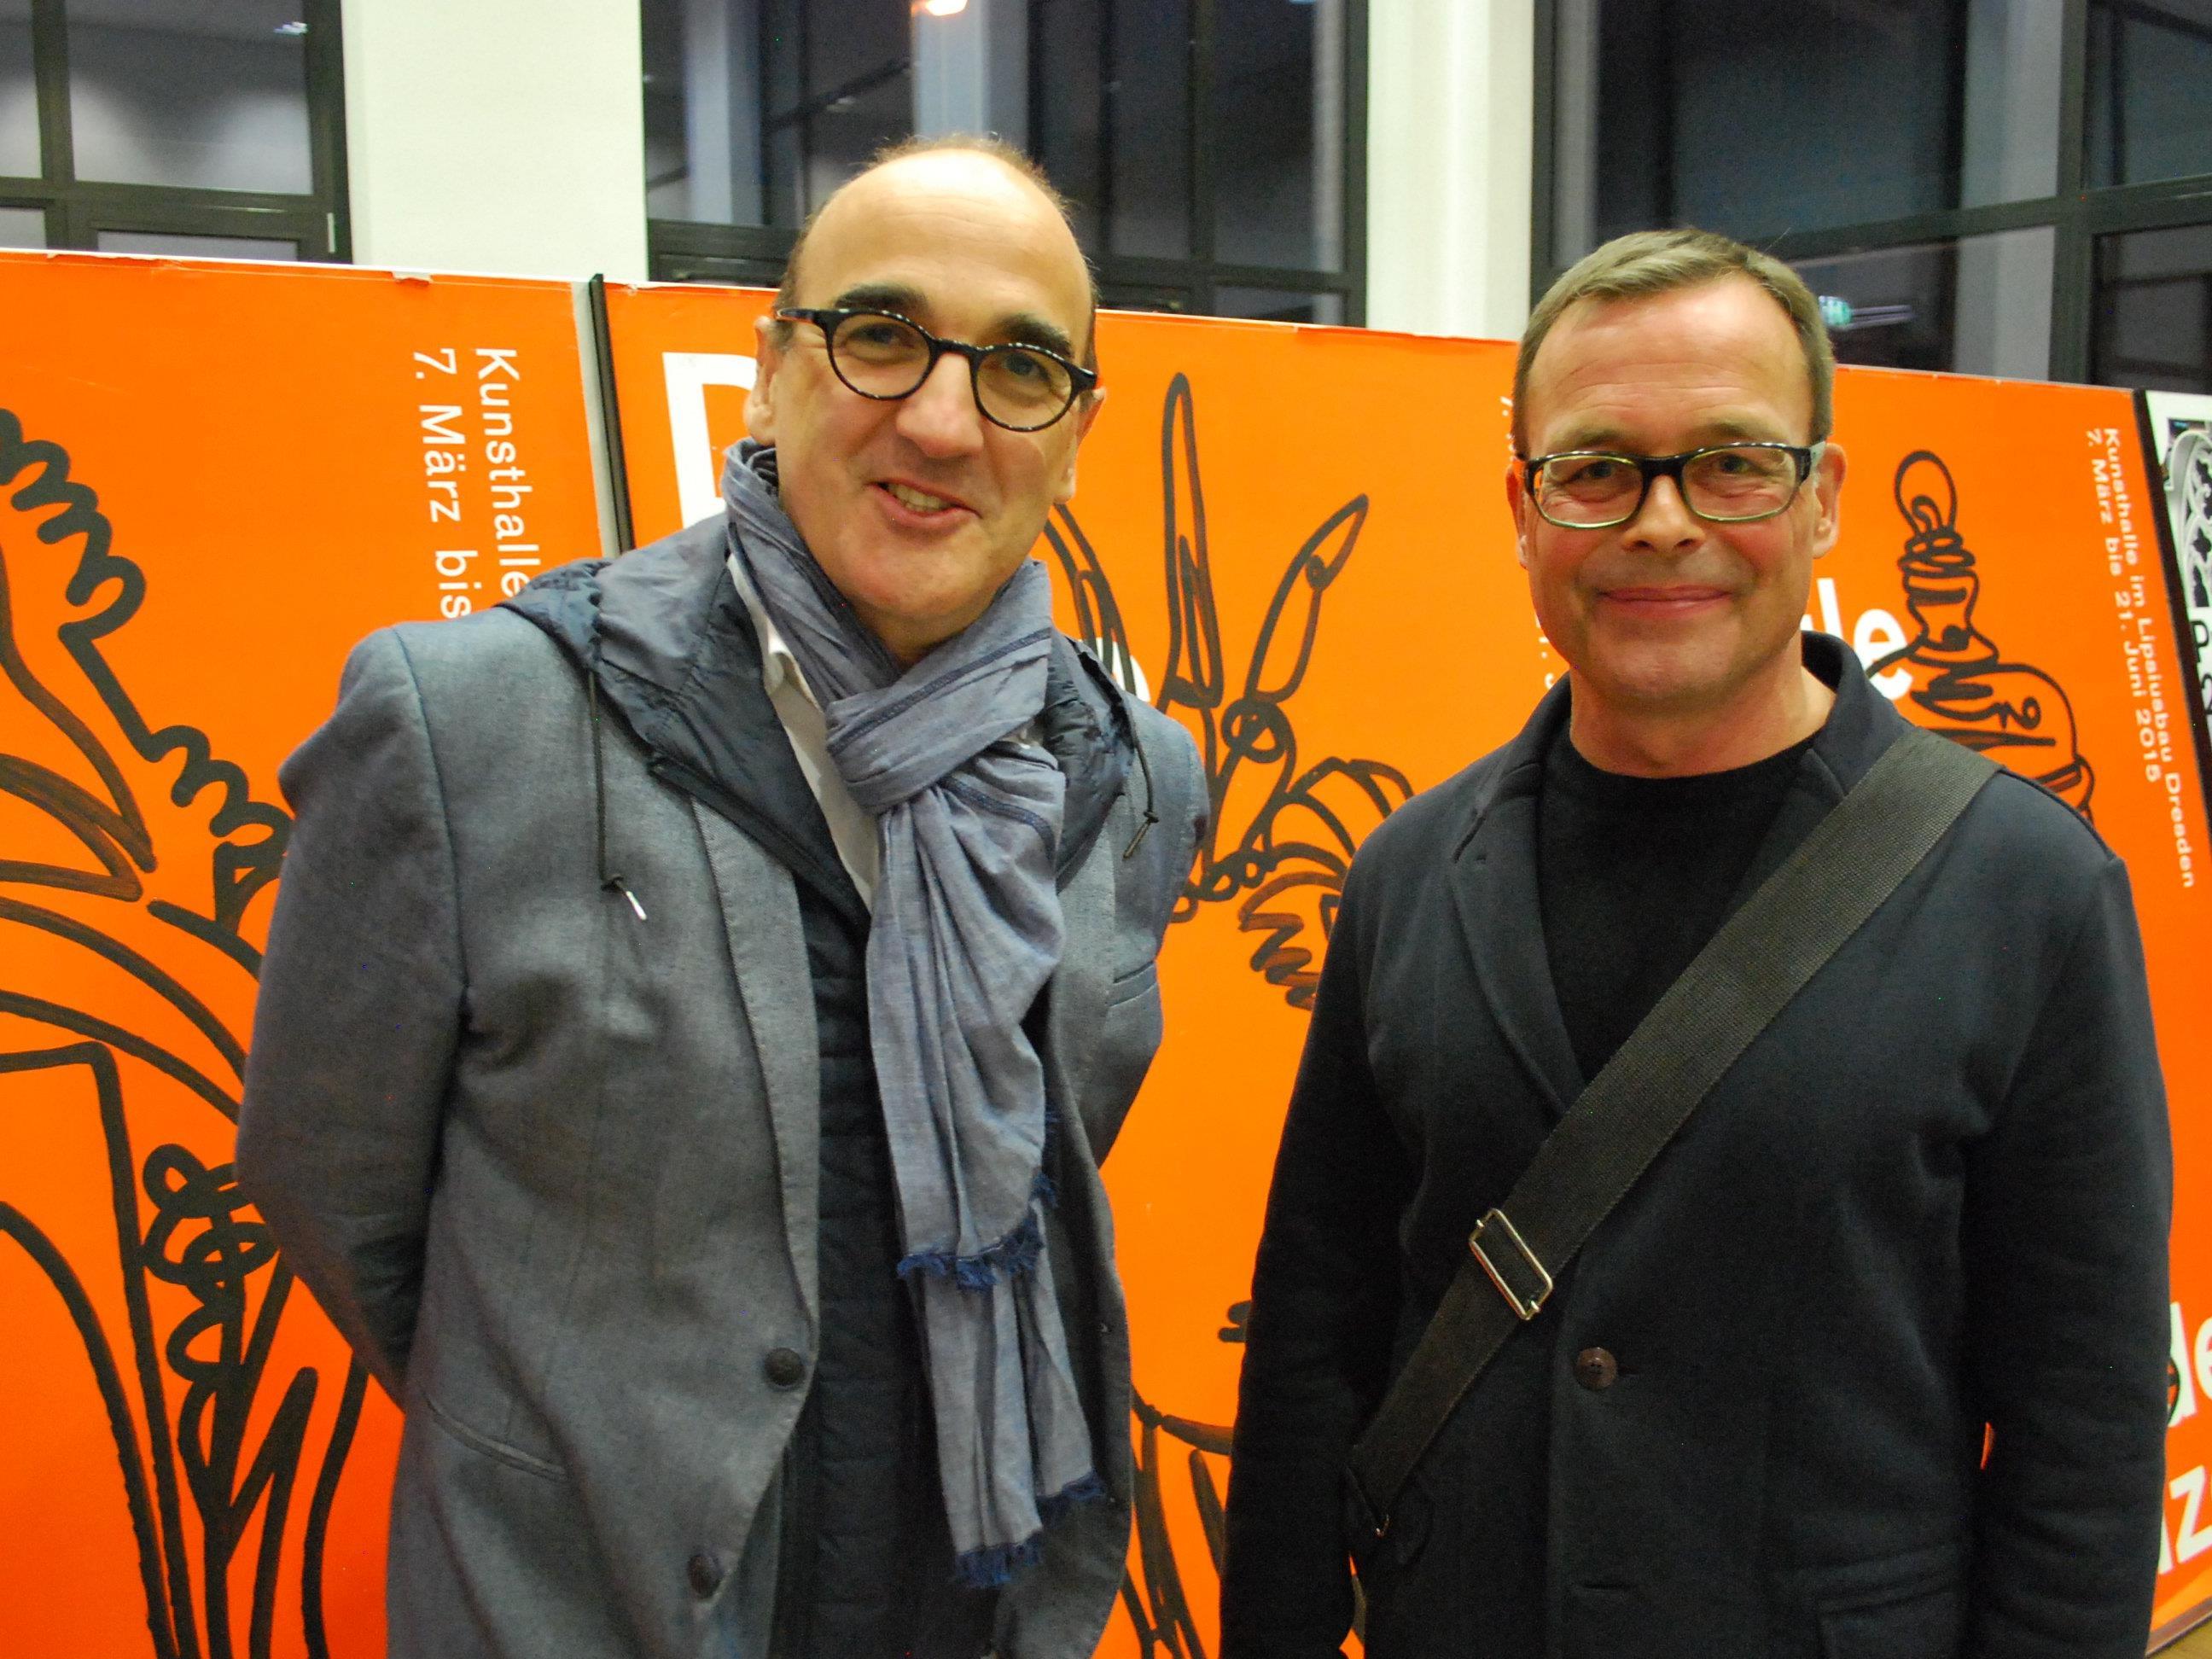 Antonino Benincasa (Freie Universität Bozen), Alexander Rufenach (FH Vorarlberg) (vl) sprachen bei der Ausstellungseröffnung im designforum Vorarlberg